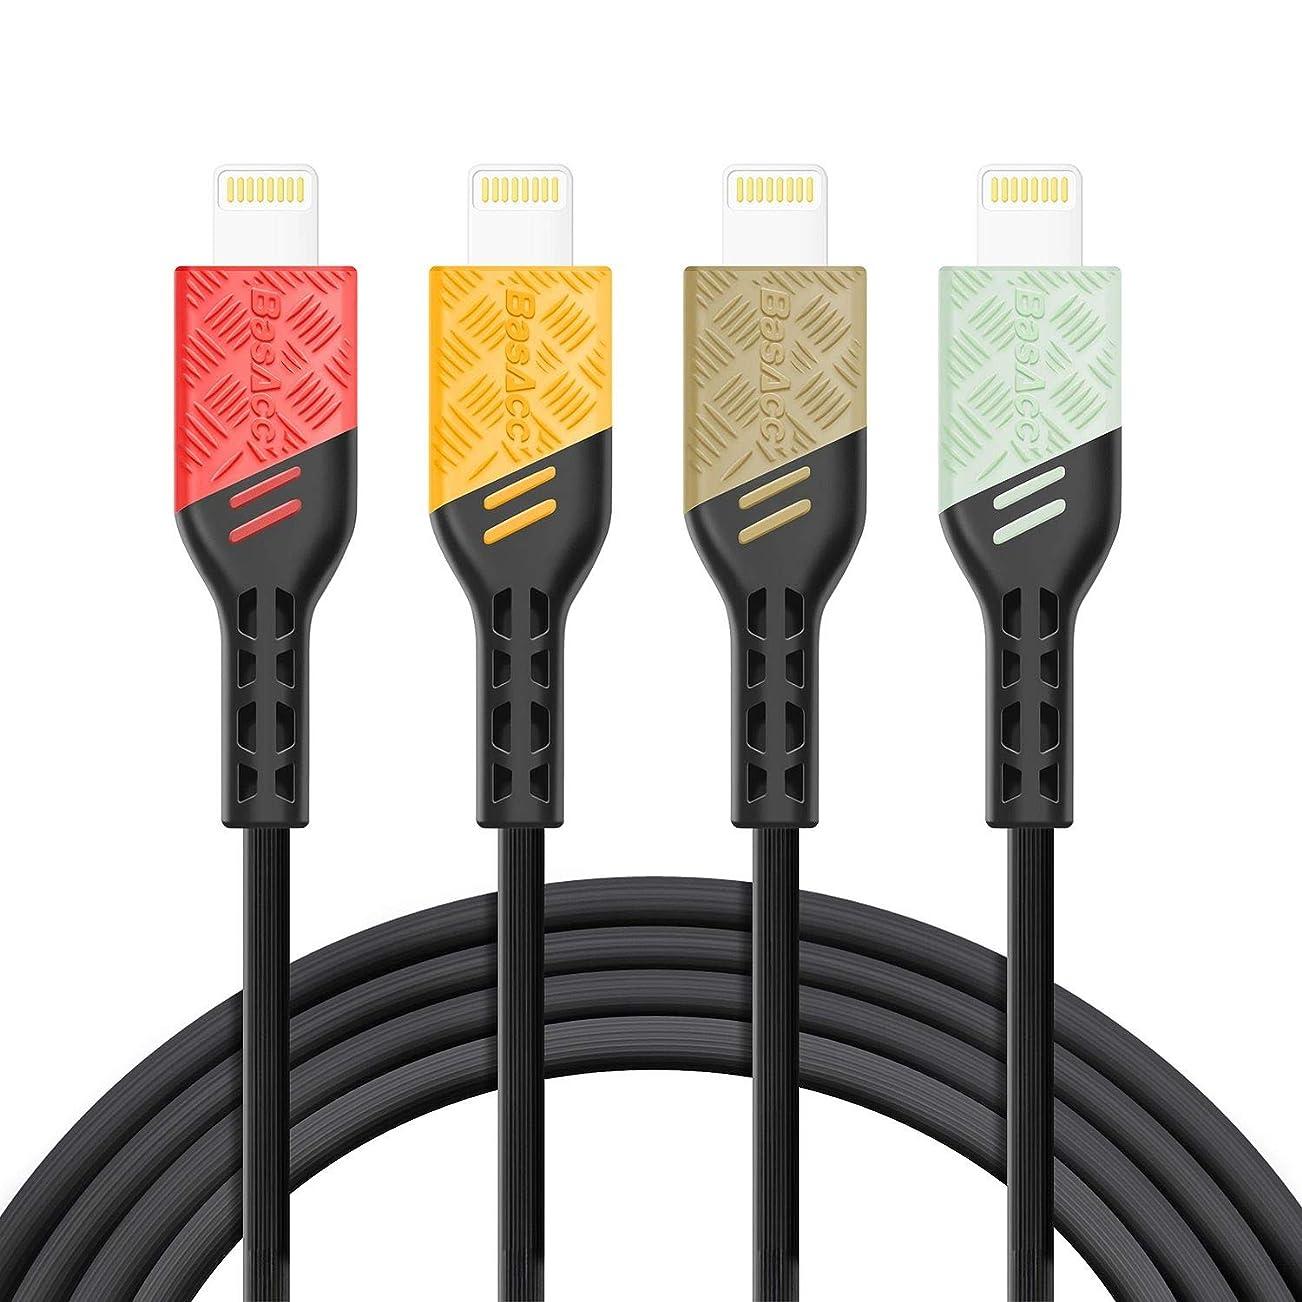 無限ゲージ吹雪BasAcc 交換用 Apple 3.3フィート MFI認定 Lightning - USB タフケーブル BasAcc製 交換用 [Viper Series] 3.3 feet 2257485